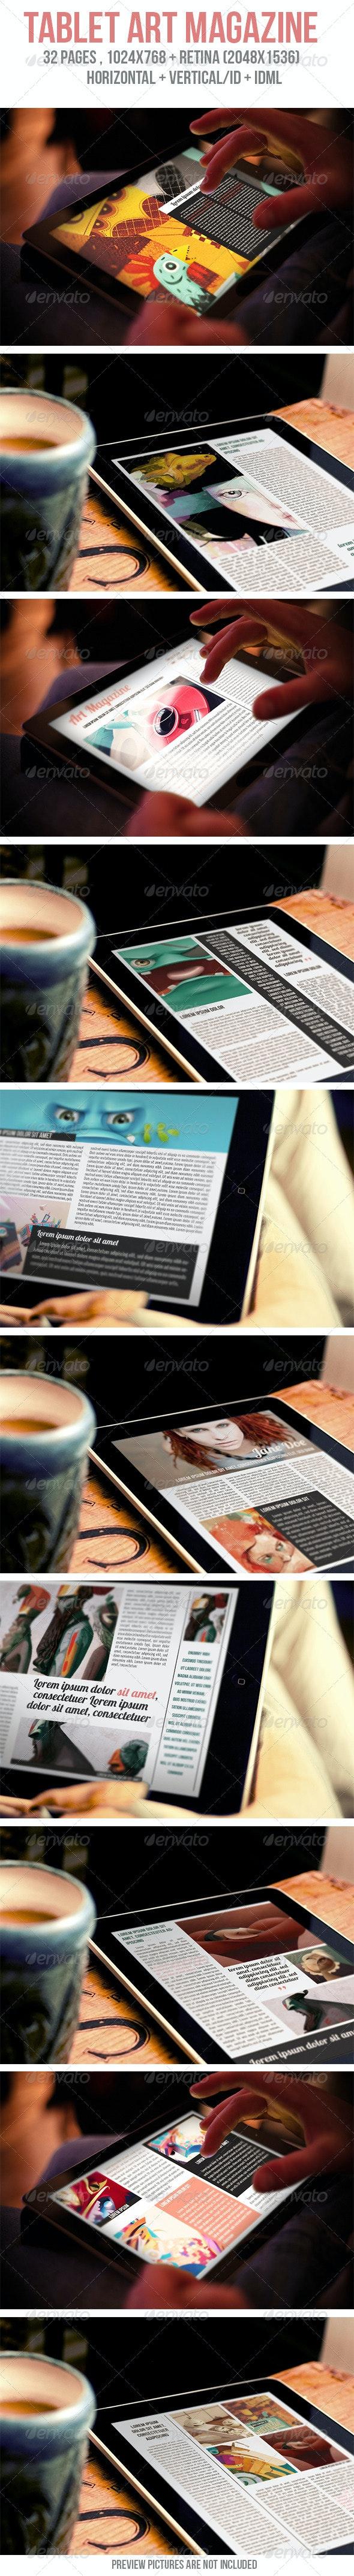 iPad & Tablet Art Magazine